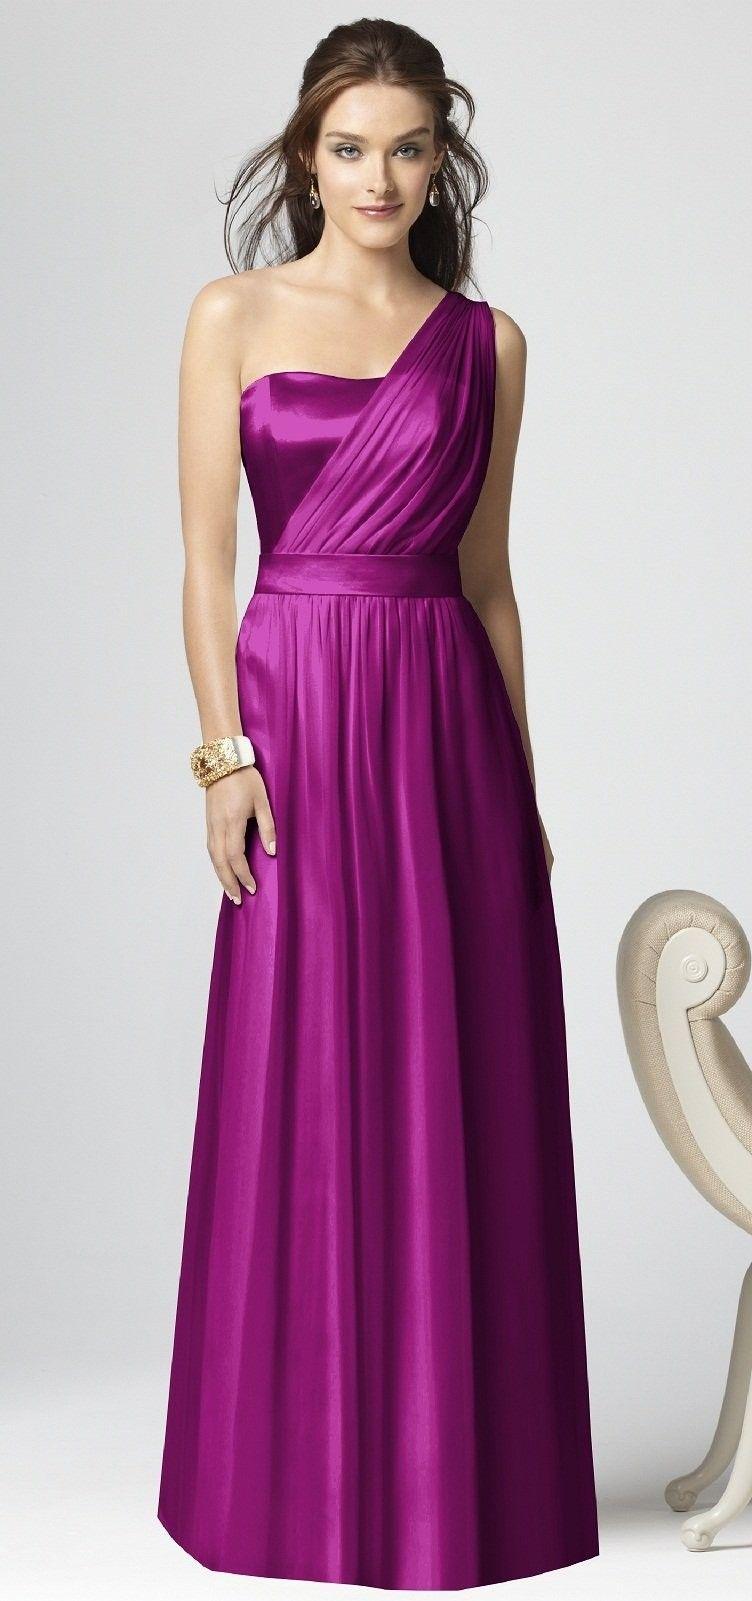 966 - Butterscotch   Princess and Sabir\'s Wedding   Pinterest   Weddings